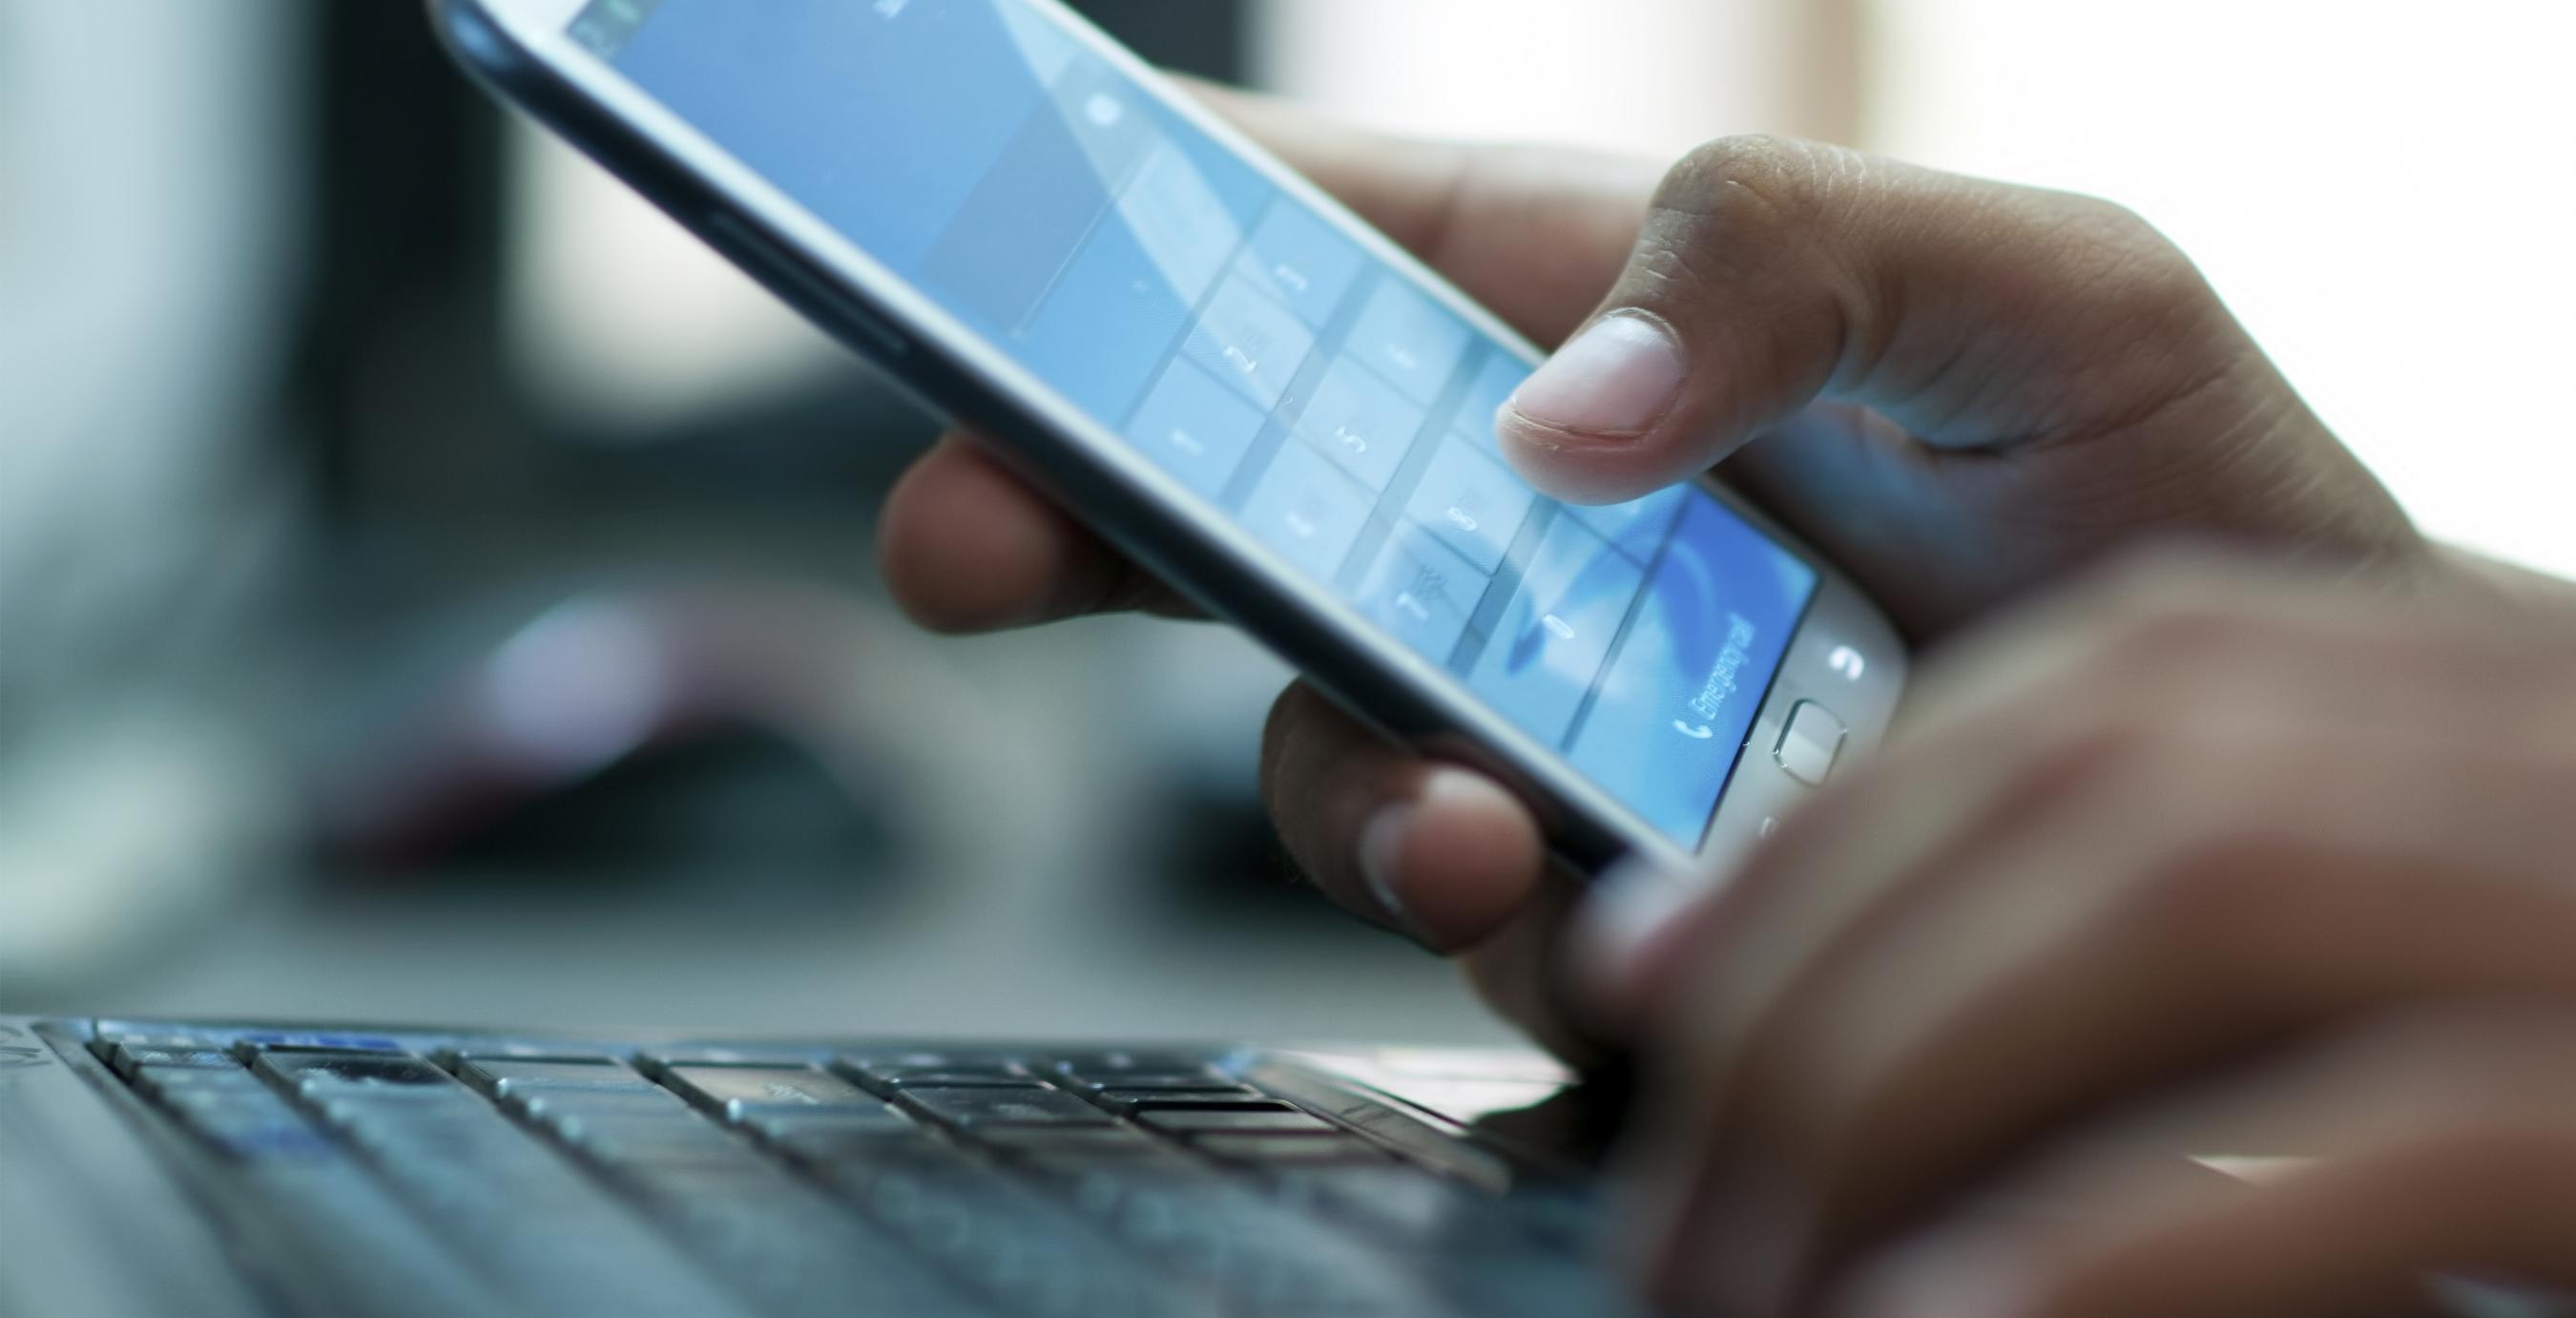 L'utilisation des appareils mobiles en classe : innover, bien apprendre, se respecter